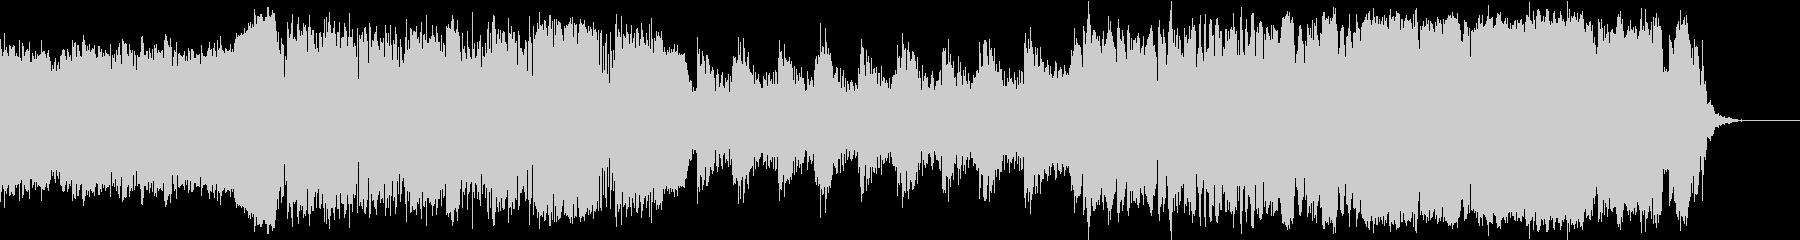 エピックヴォーカライズとクワイヤの未再生の波形